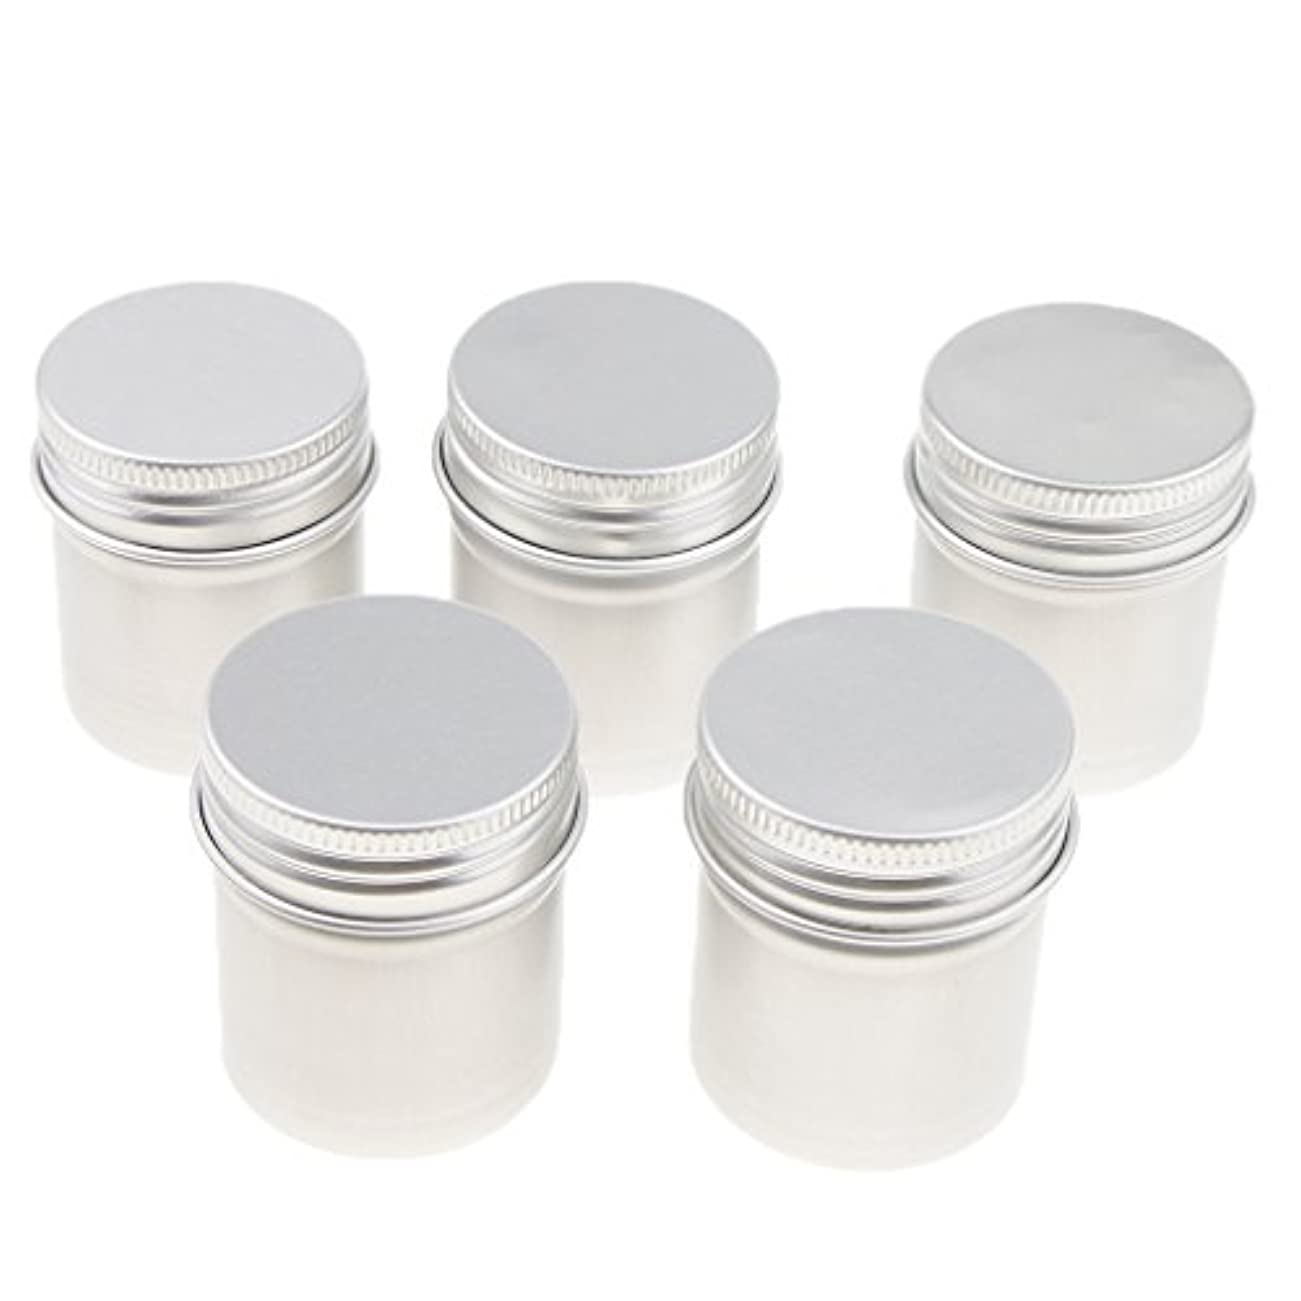 病んでいる領収書チャネルB Blesiya 5個 アルミ缶 ポット ジャー スクリュー蓋 コスメ 化粧品 DIY 手作り 詰替え容器 便利